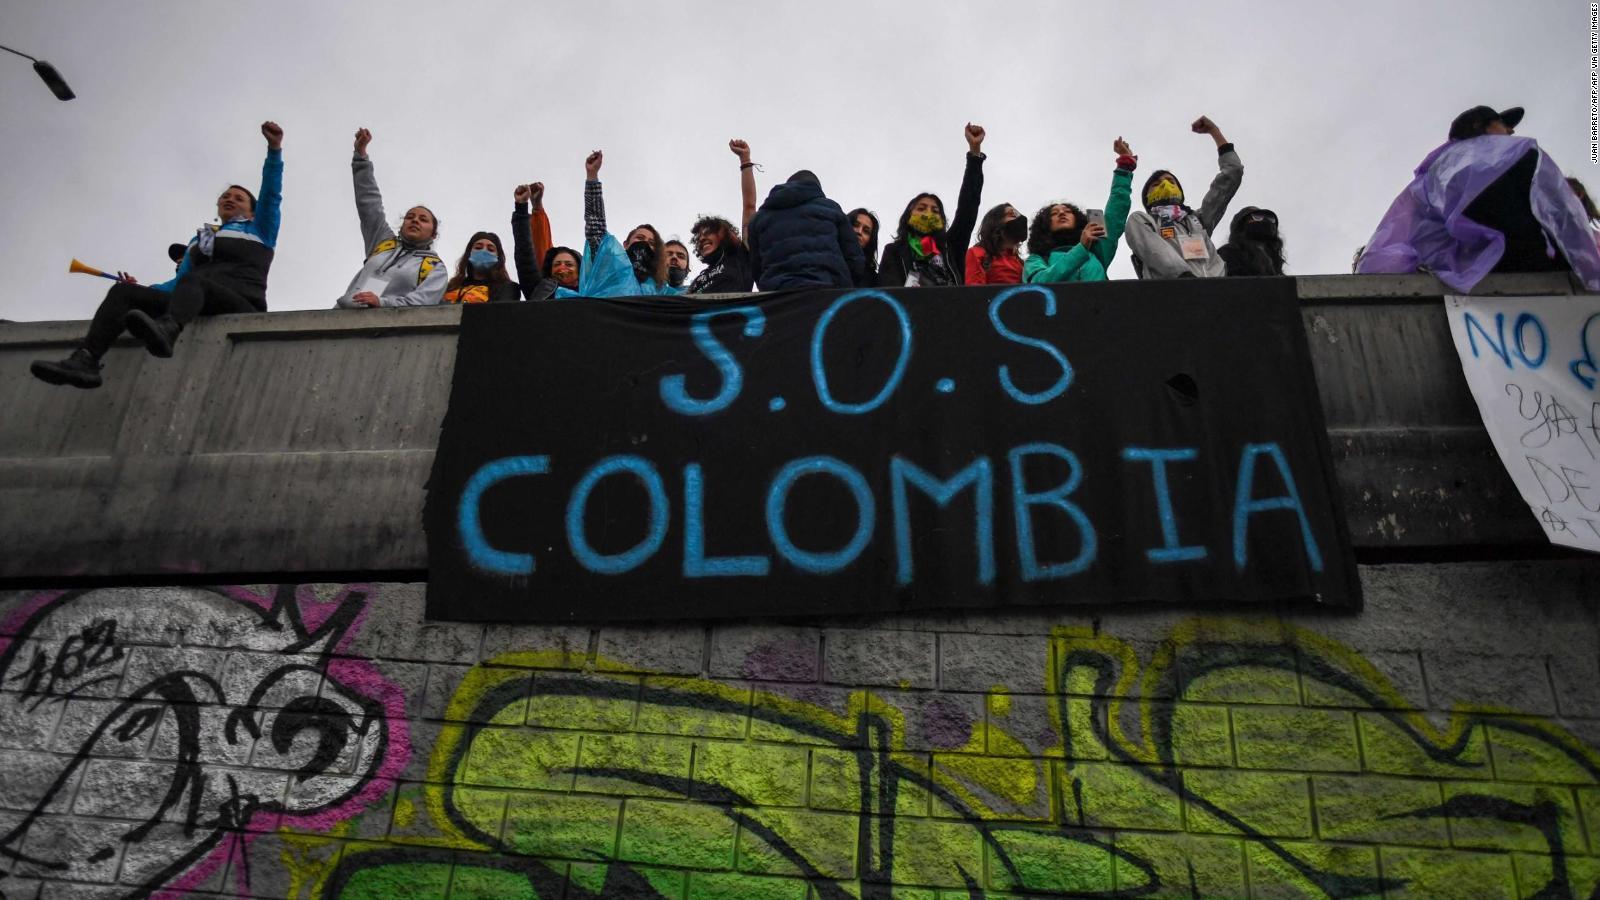 Minuto a minuto de la situación en Colombia: sube el número de muertos